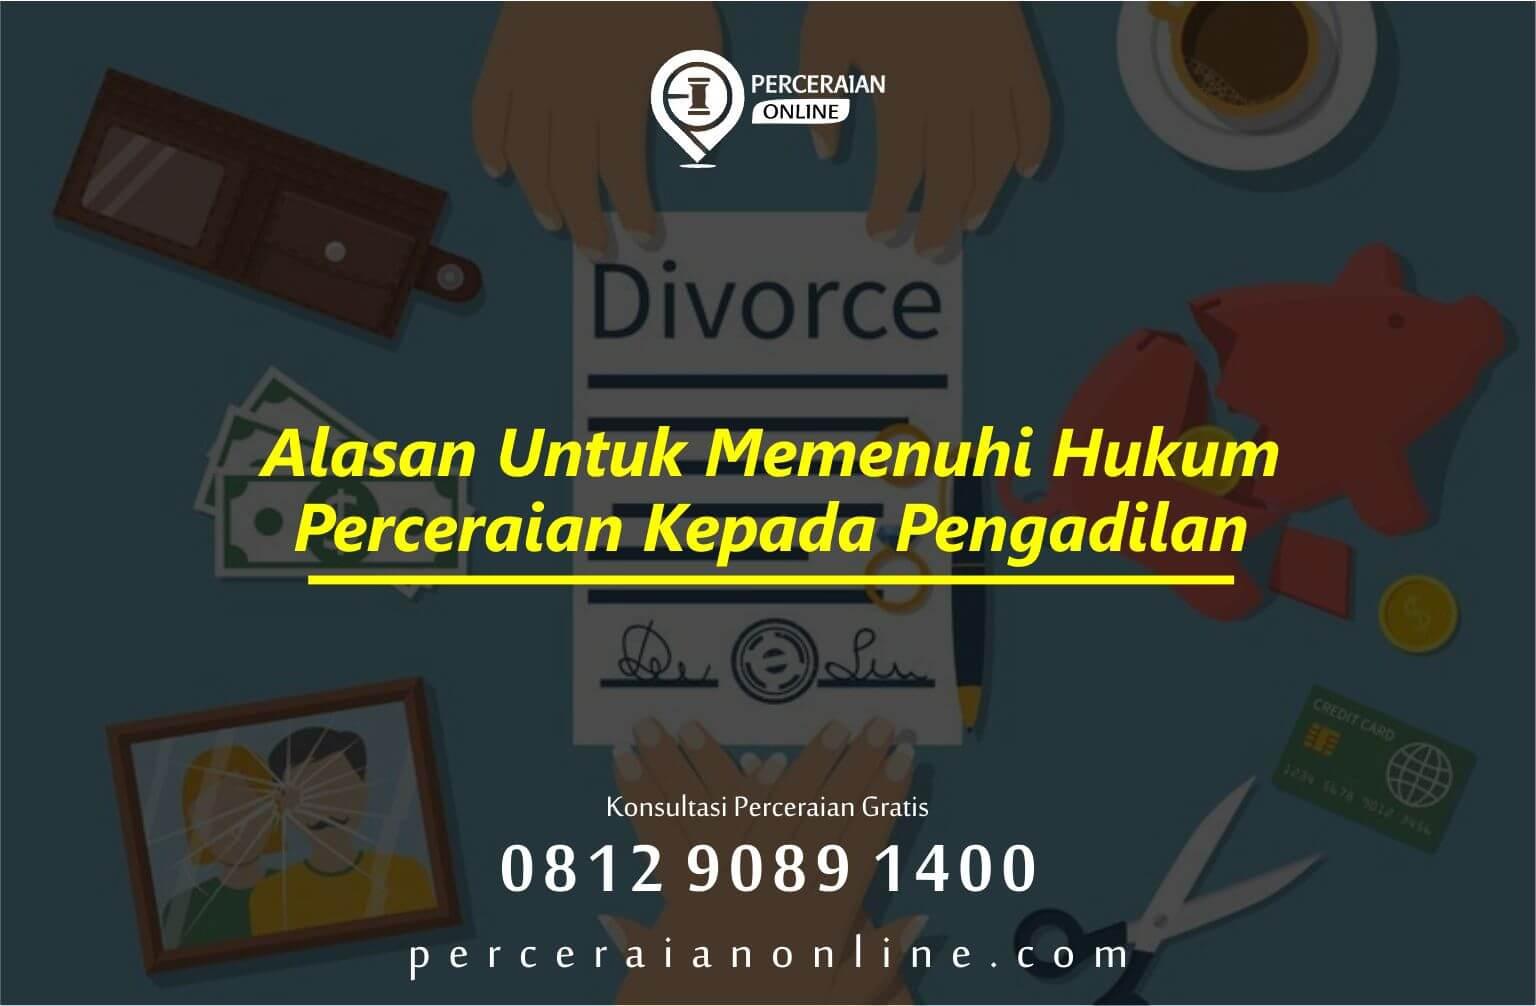 Alasan Untuk Memenuhi Hukum Perceraian Kepada Pengadilan